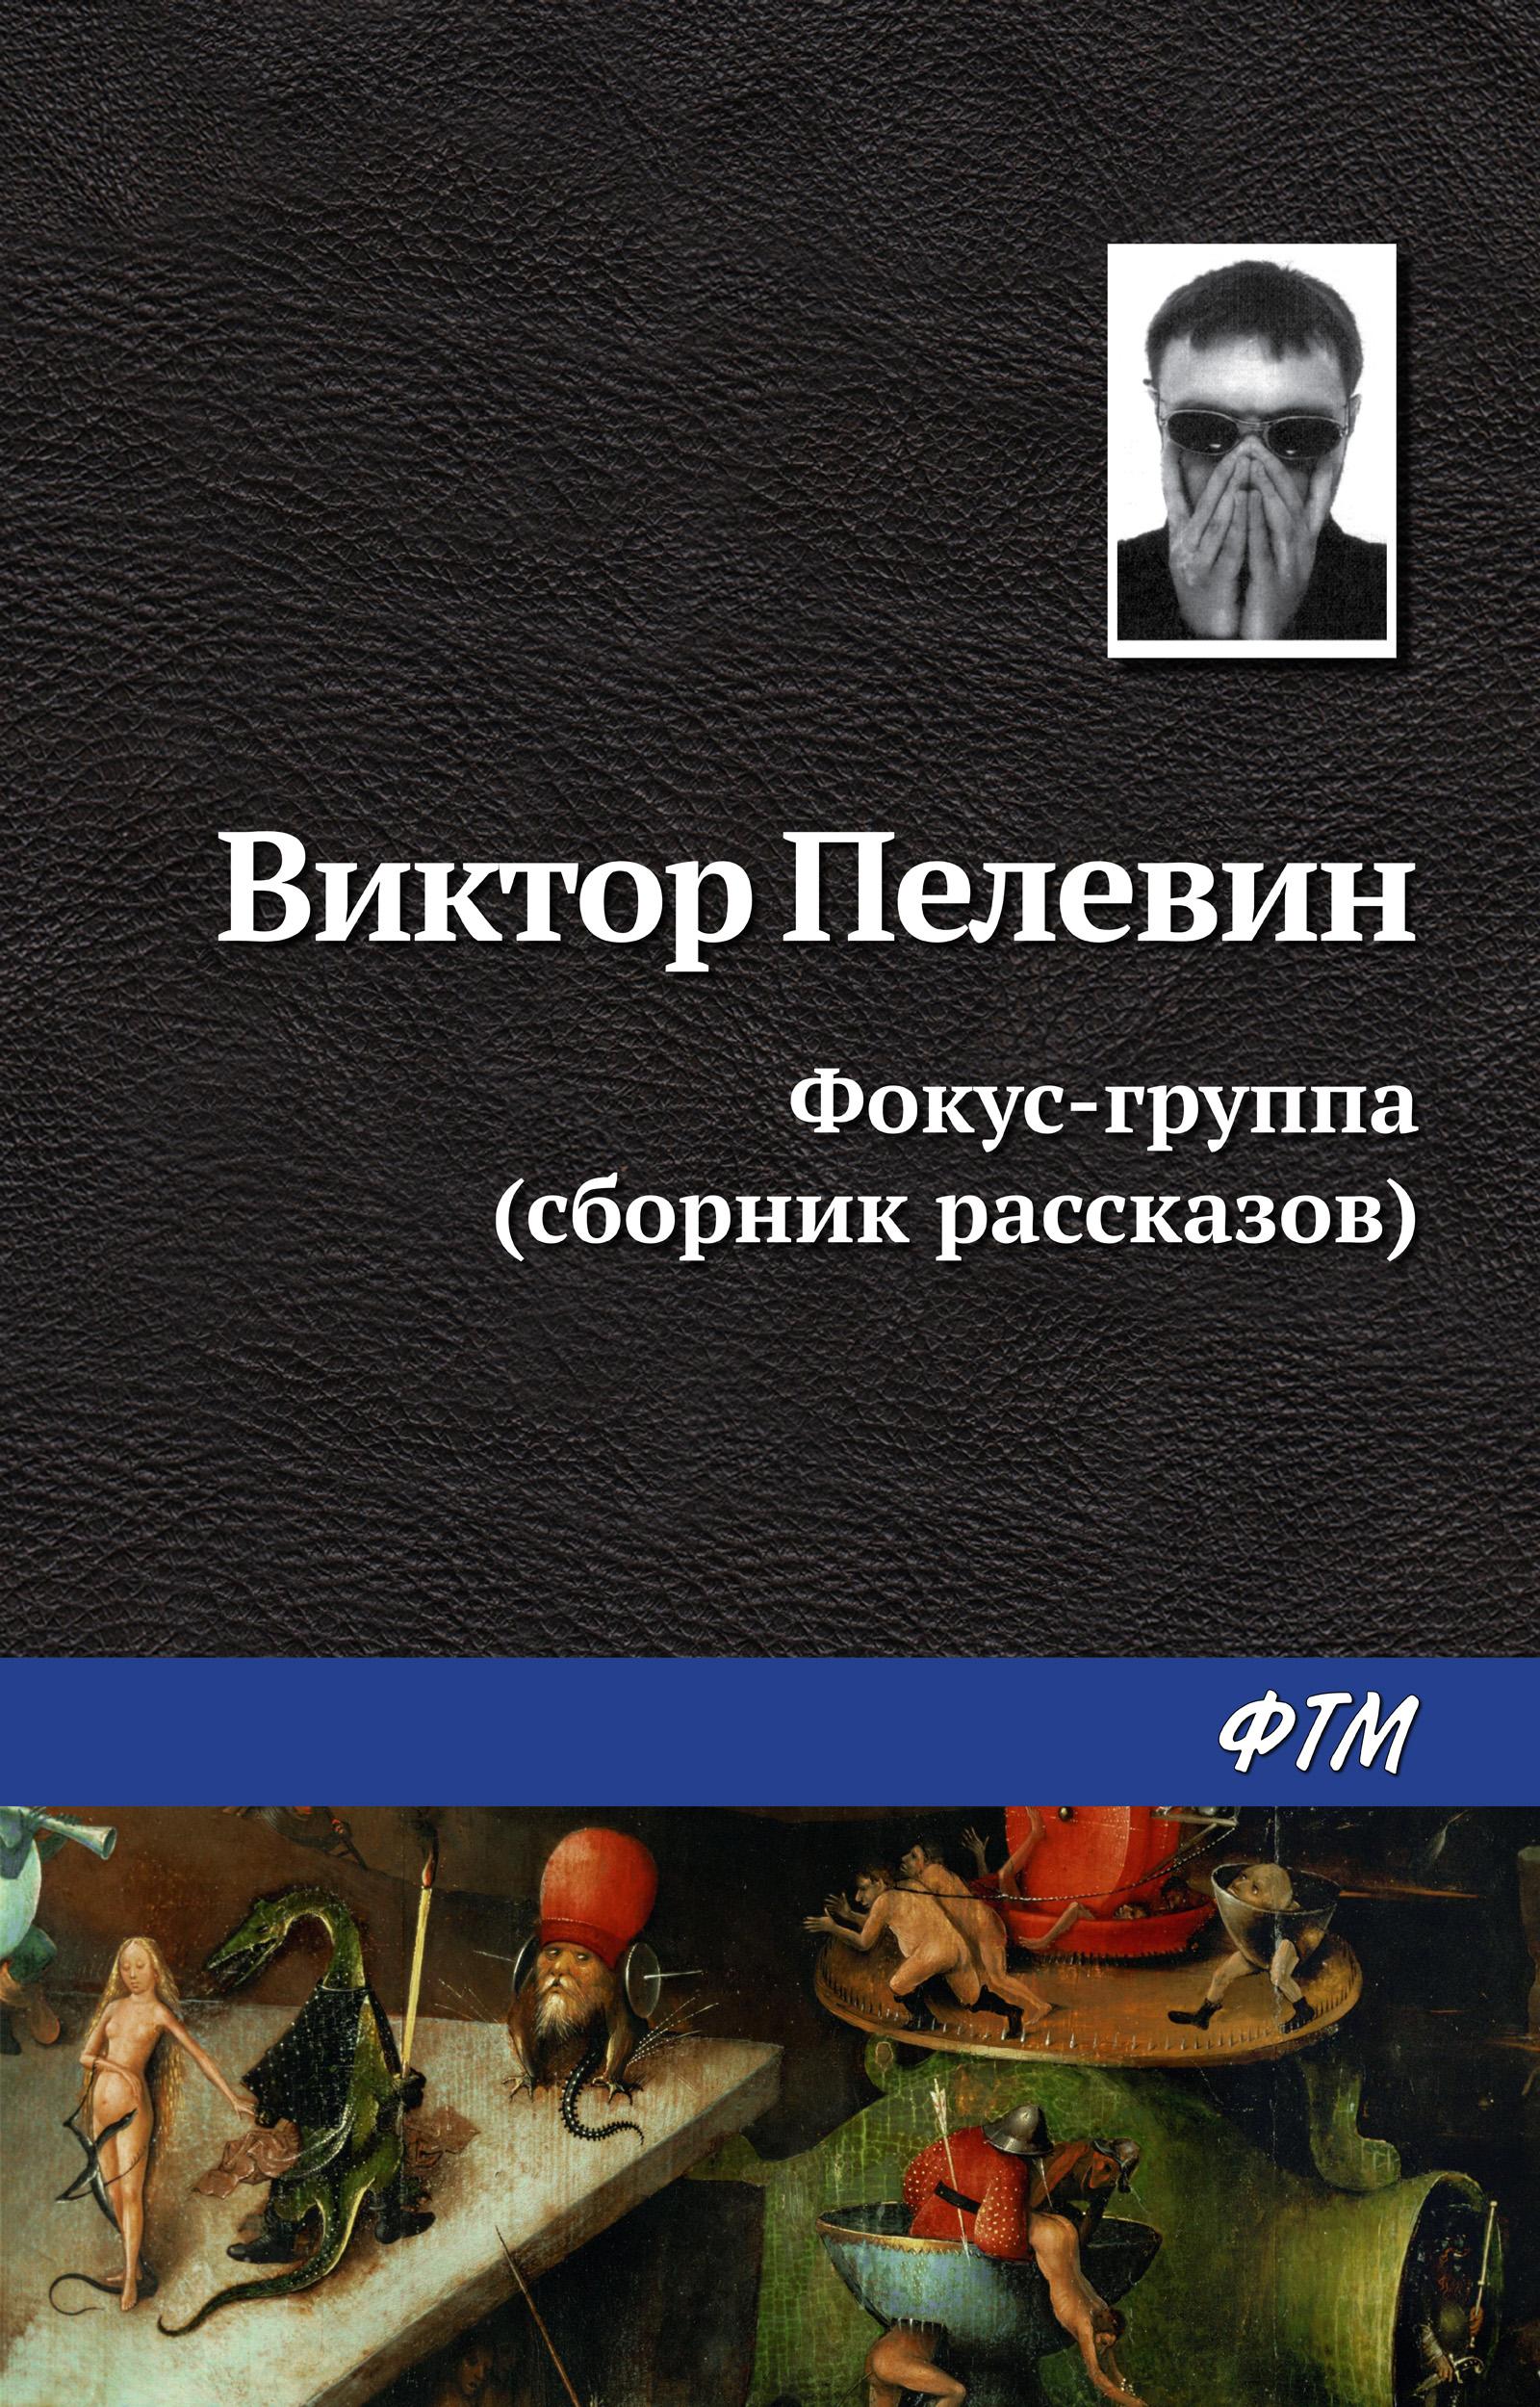 купить Виктор Пелевин Фокус-группа (сборник) недорого